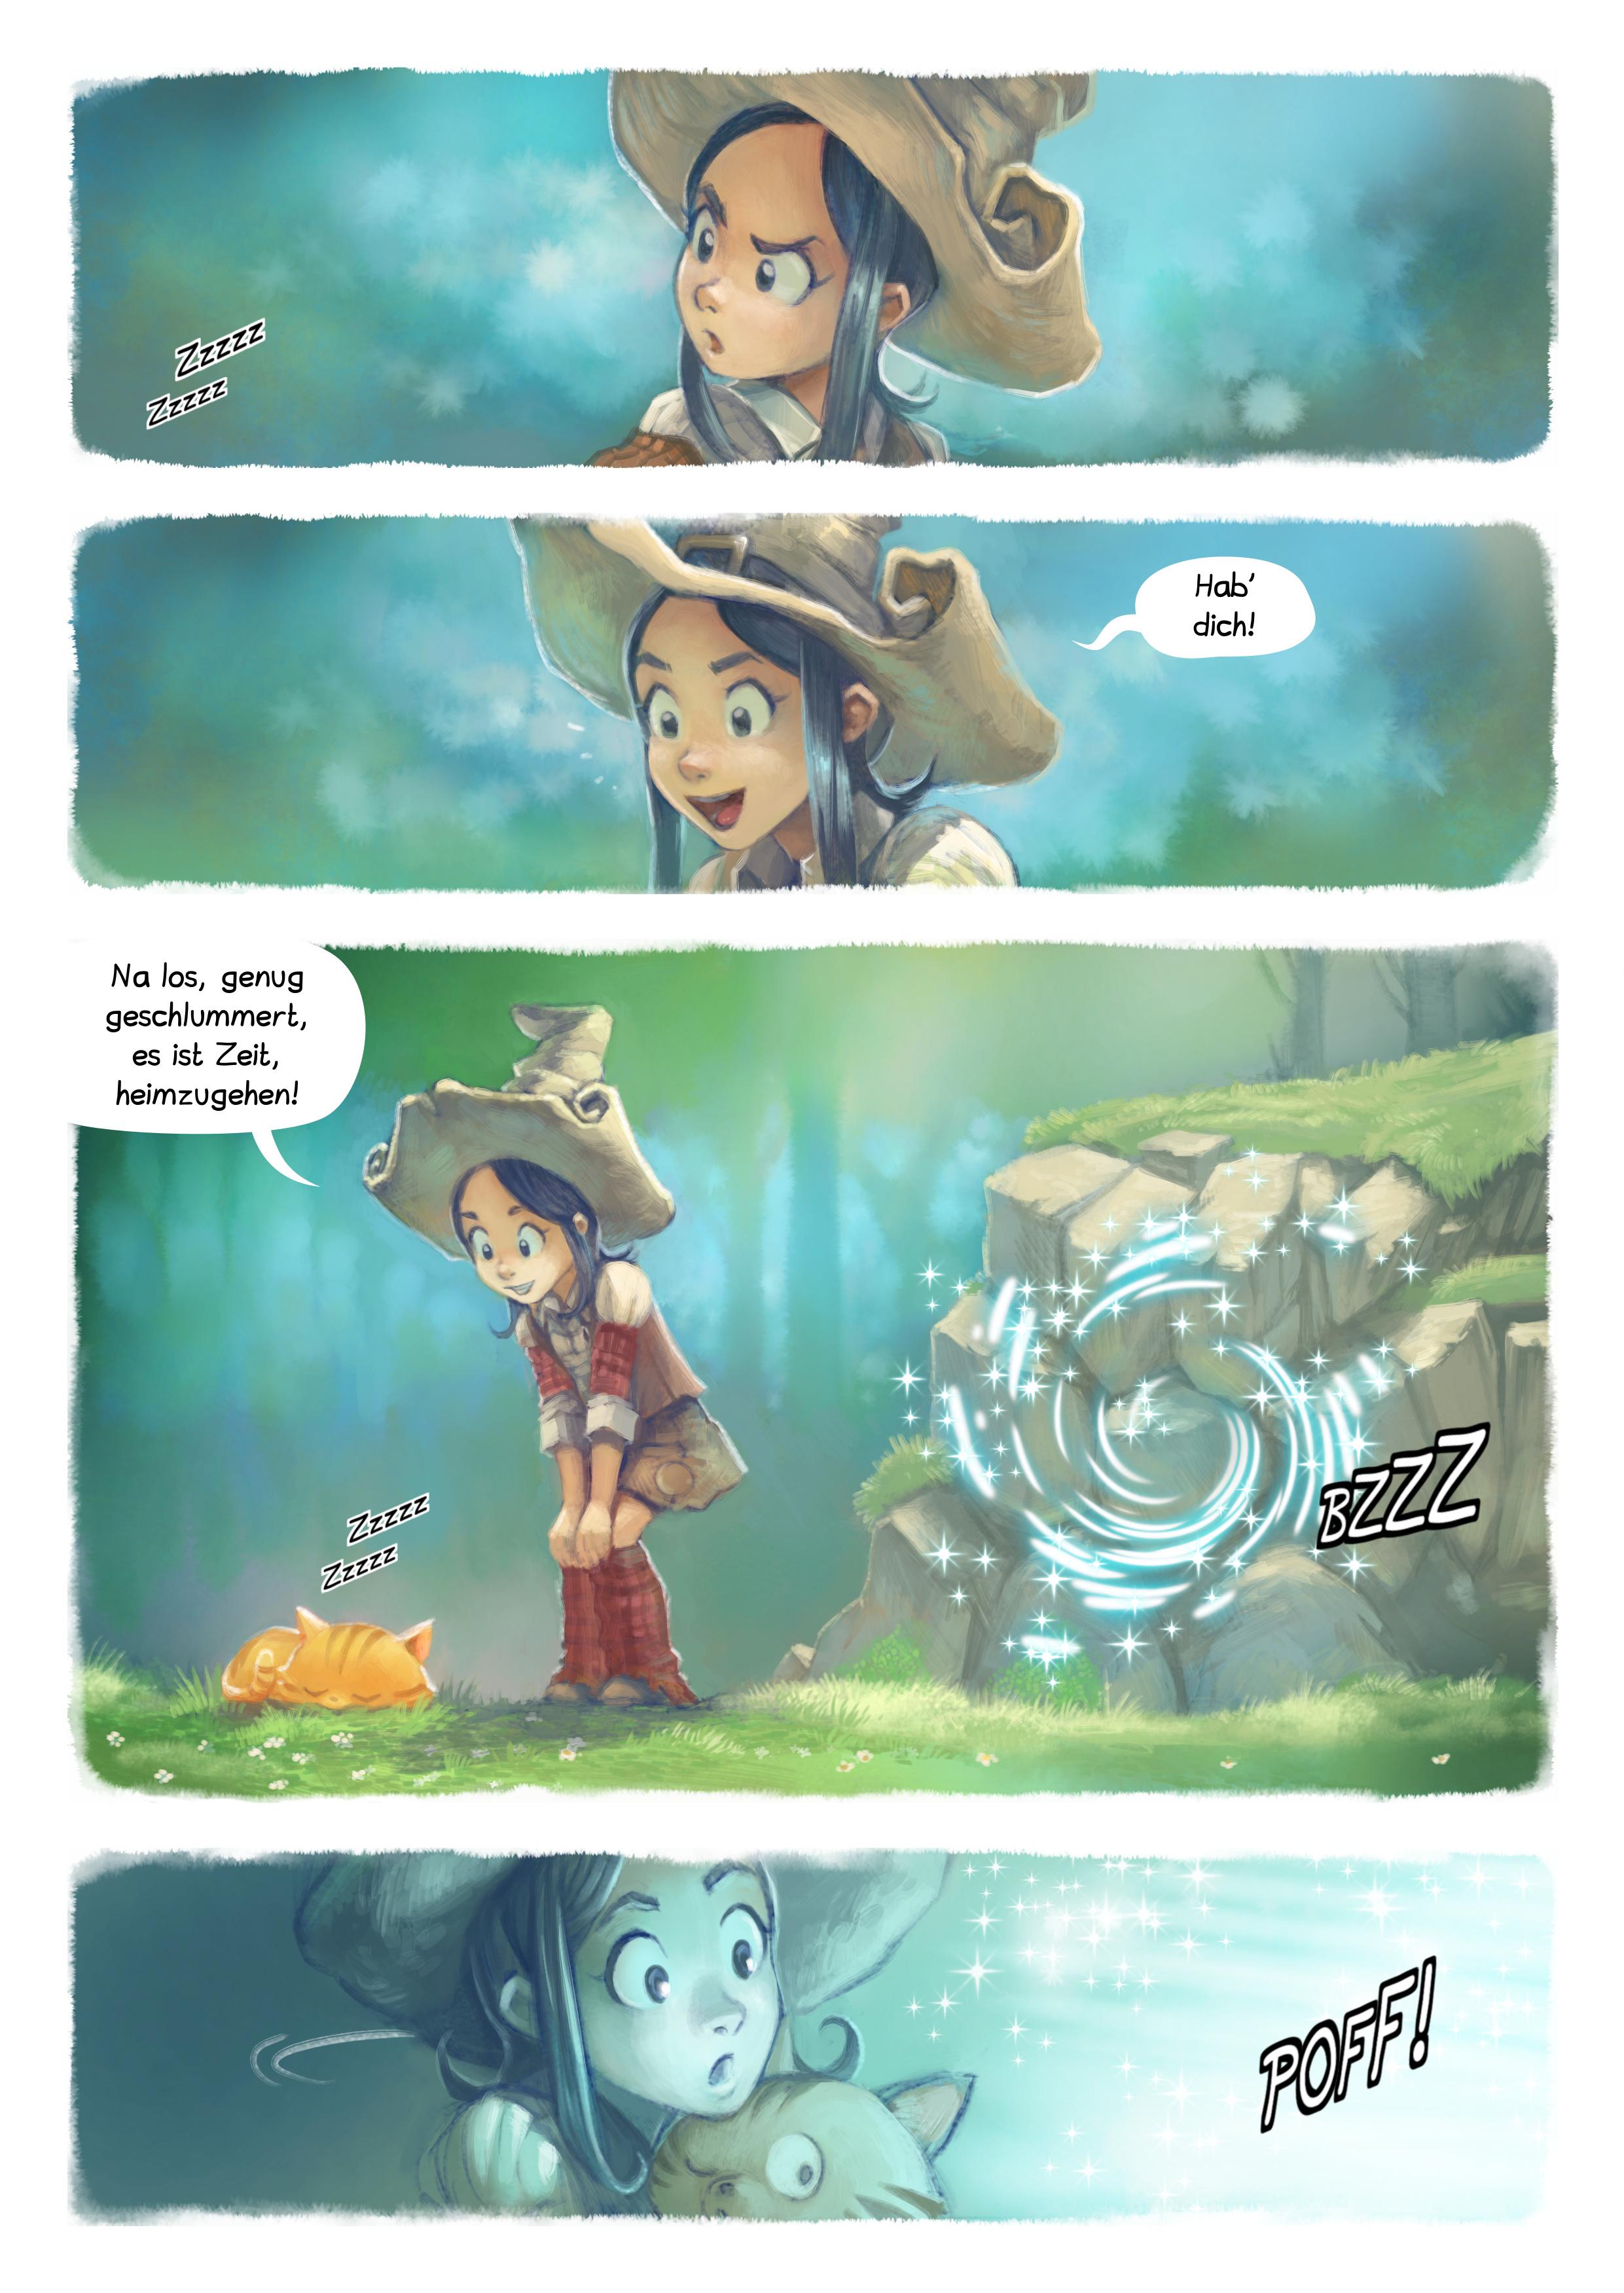 Episode 7: Der Wunsch, Page 2